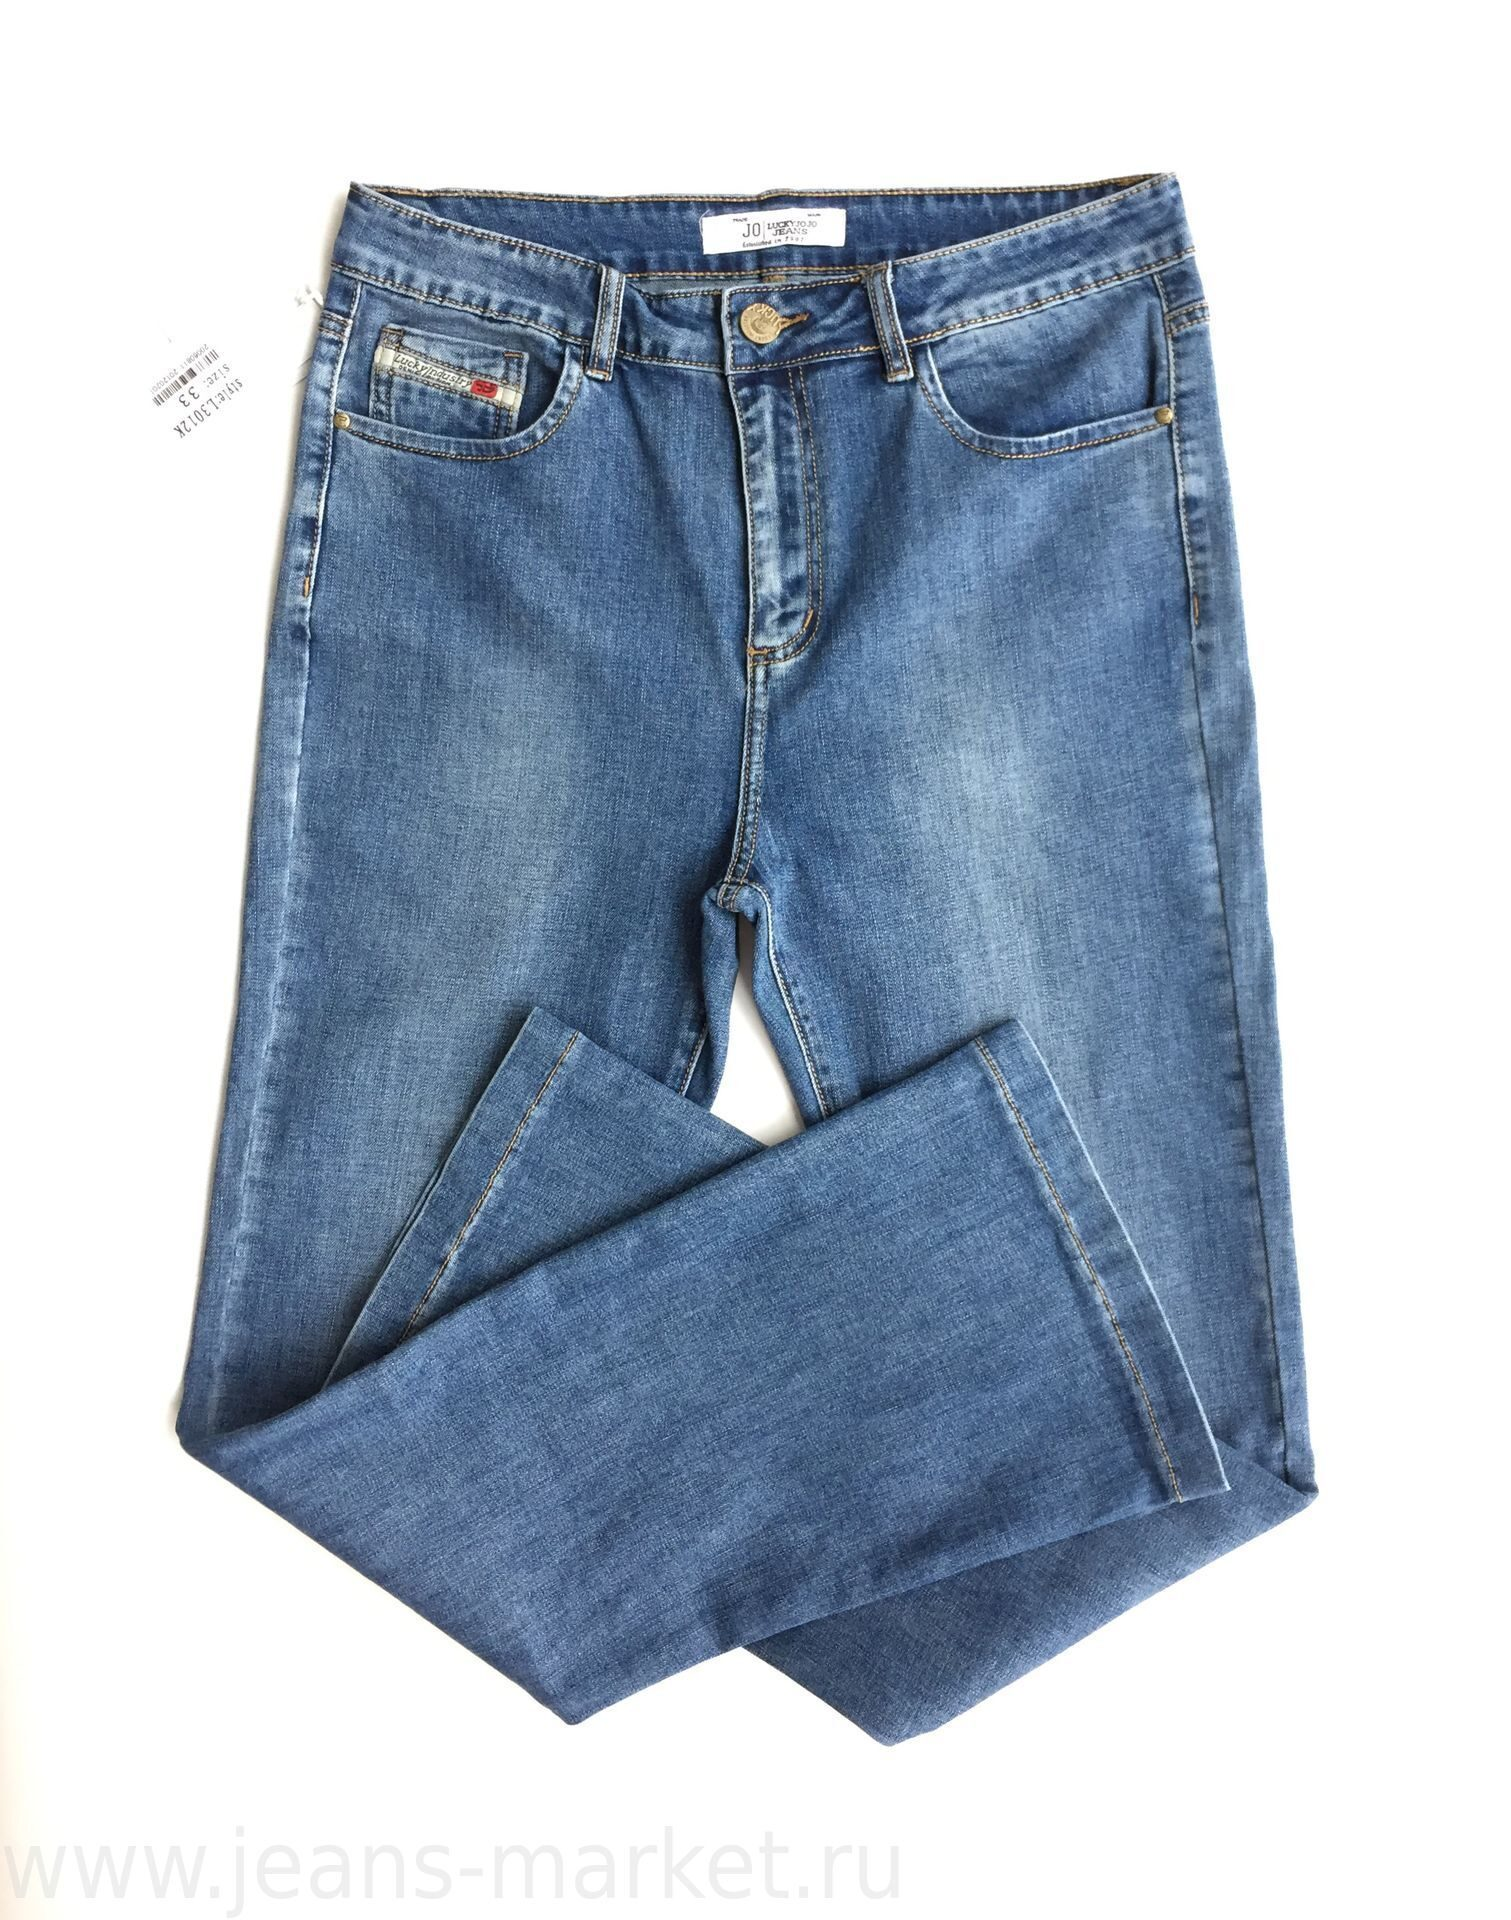 Купить джинсы клеш от колена с доставкой